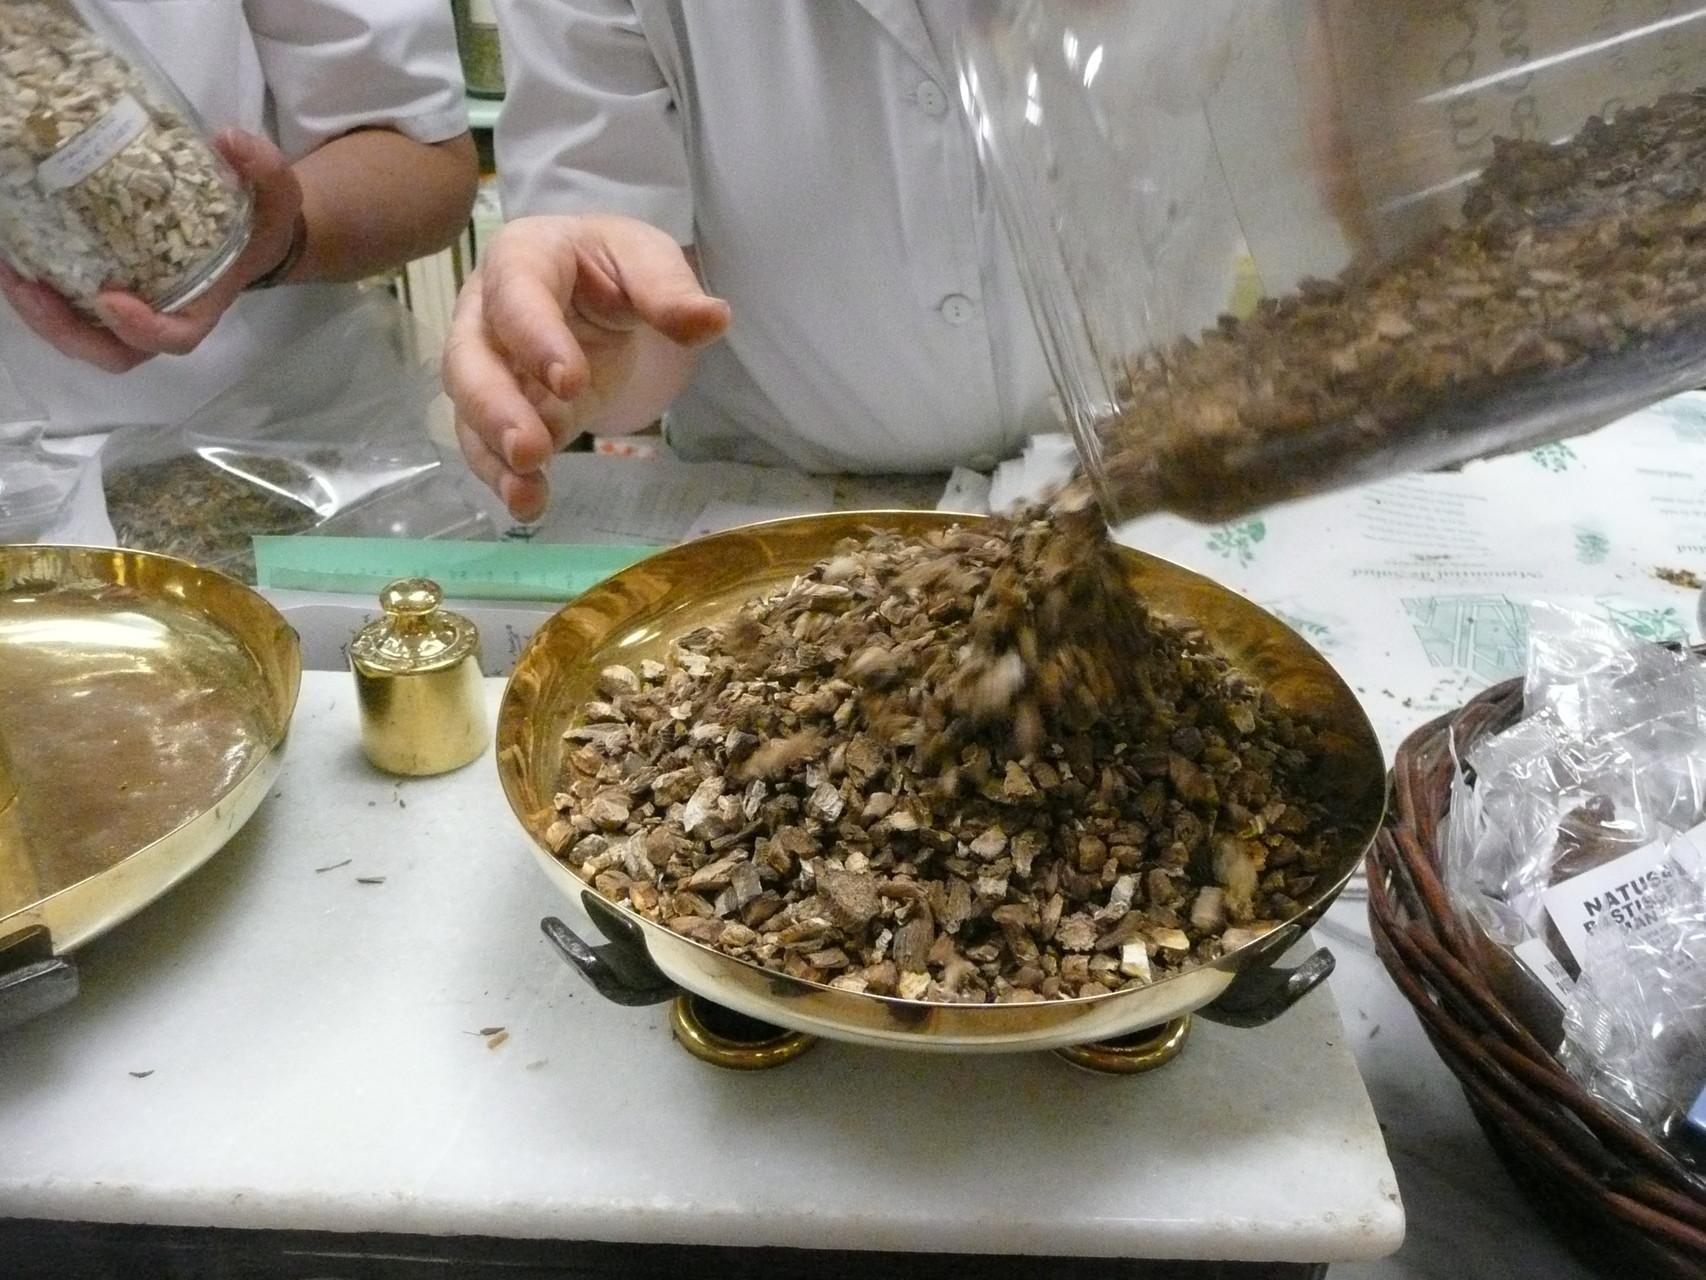 Elaboración totalmente manual y artesanal, con ingredientes naturalmente orgánicos.